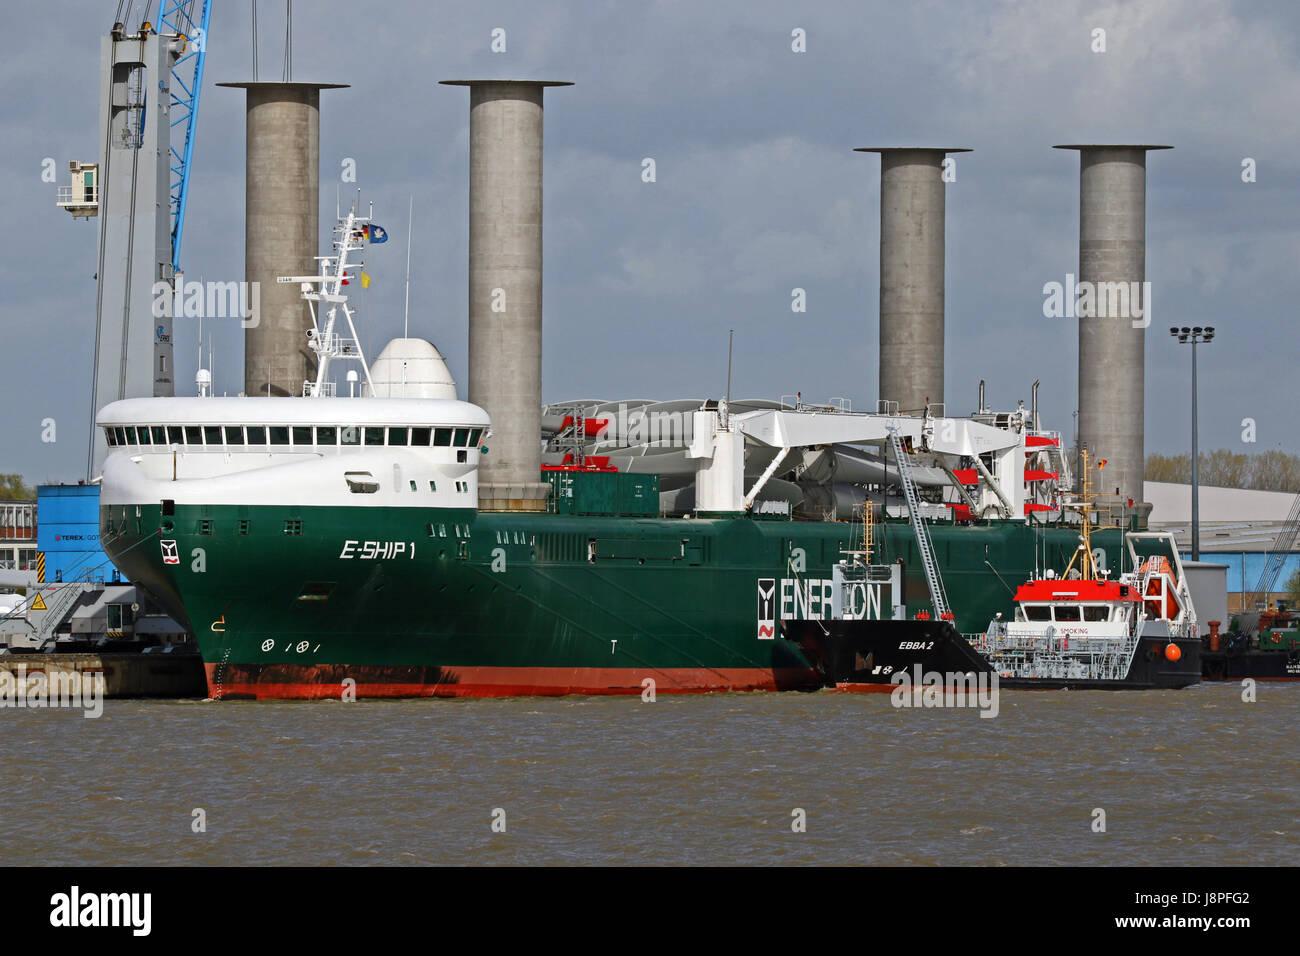 Das Frachtschiff E Ship 1 Befindet Sich Im Hafen Von Emden Stockfoto